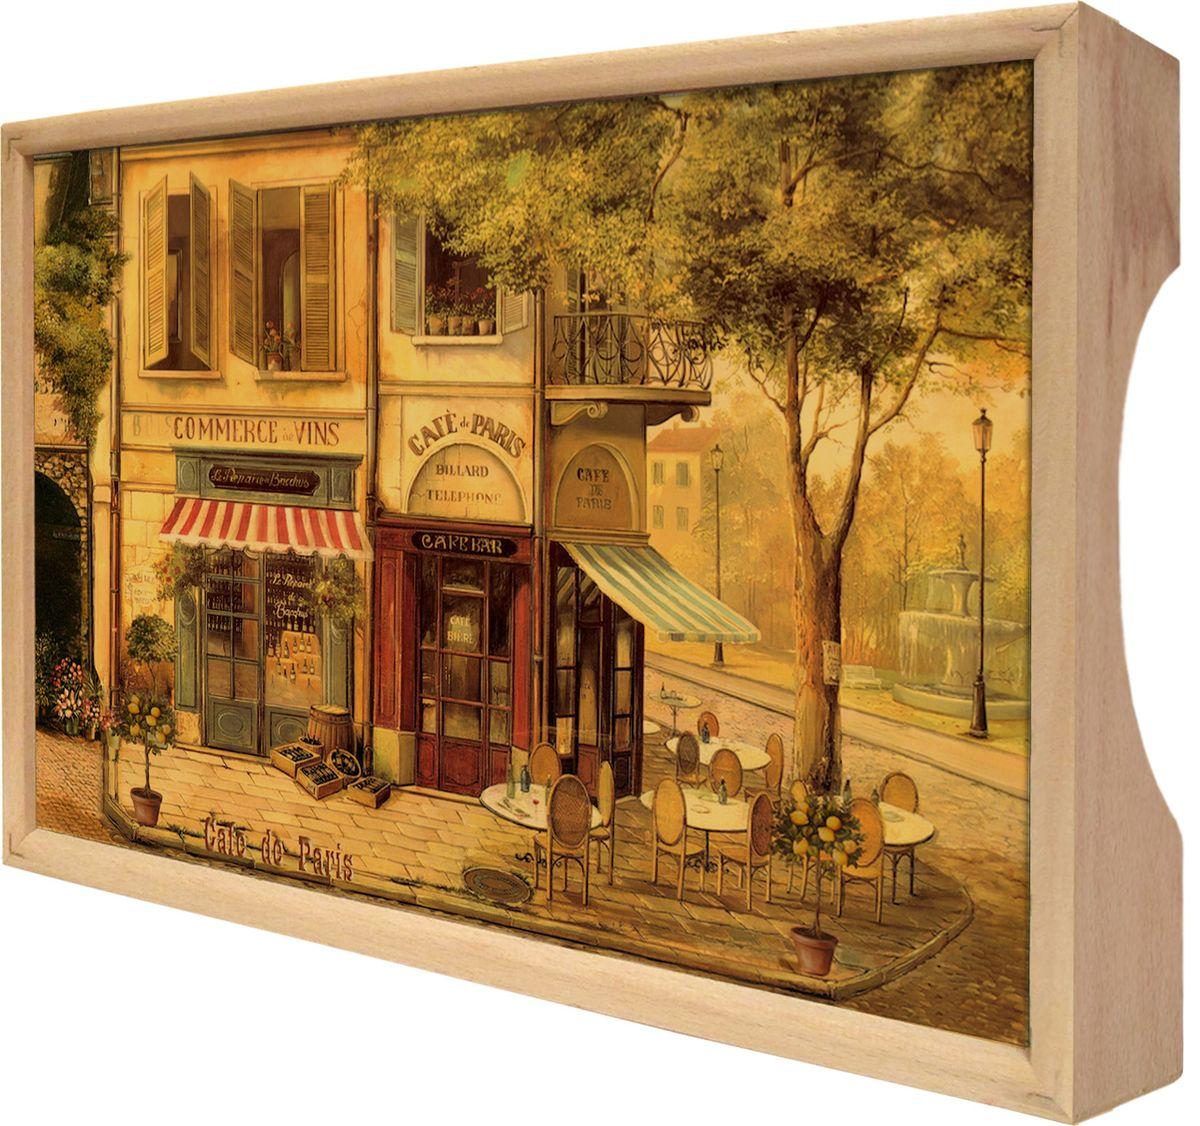 Поднос GiftnHome Парижское кафе, 25 х 37,5 смFS-91909Поднос GiftnHome Парижское кафе изготовлен из бука - благородной породы древесины. Это крепкий, экологичный и надежный материал, который идеально подходит для производства подносов. Изделие прекрасно перенесет длительную эксплуатацию и надолго сохранит свой шарм древесной структуры и природные качества. Поднос - это великолепное решение для подарка и истинный комплимент вашим любимым и близким людям. С ним вы с легкостью сможете подать кофе, завтрак в постель или вынести на веранду гостям закуски и фрукты. Помимо функциональной пользы, данное изделие изысканно дополнит интерьер помещения и внесет уют в домашнее пространство. Нанесенные на поднос дизайнерские принты от Креативной Студии АнтониоК делают изделие уникальным.